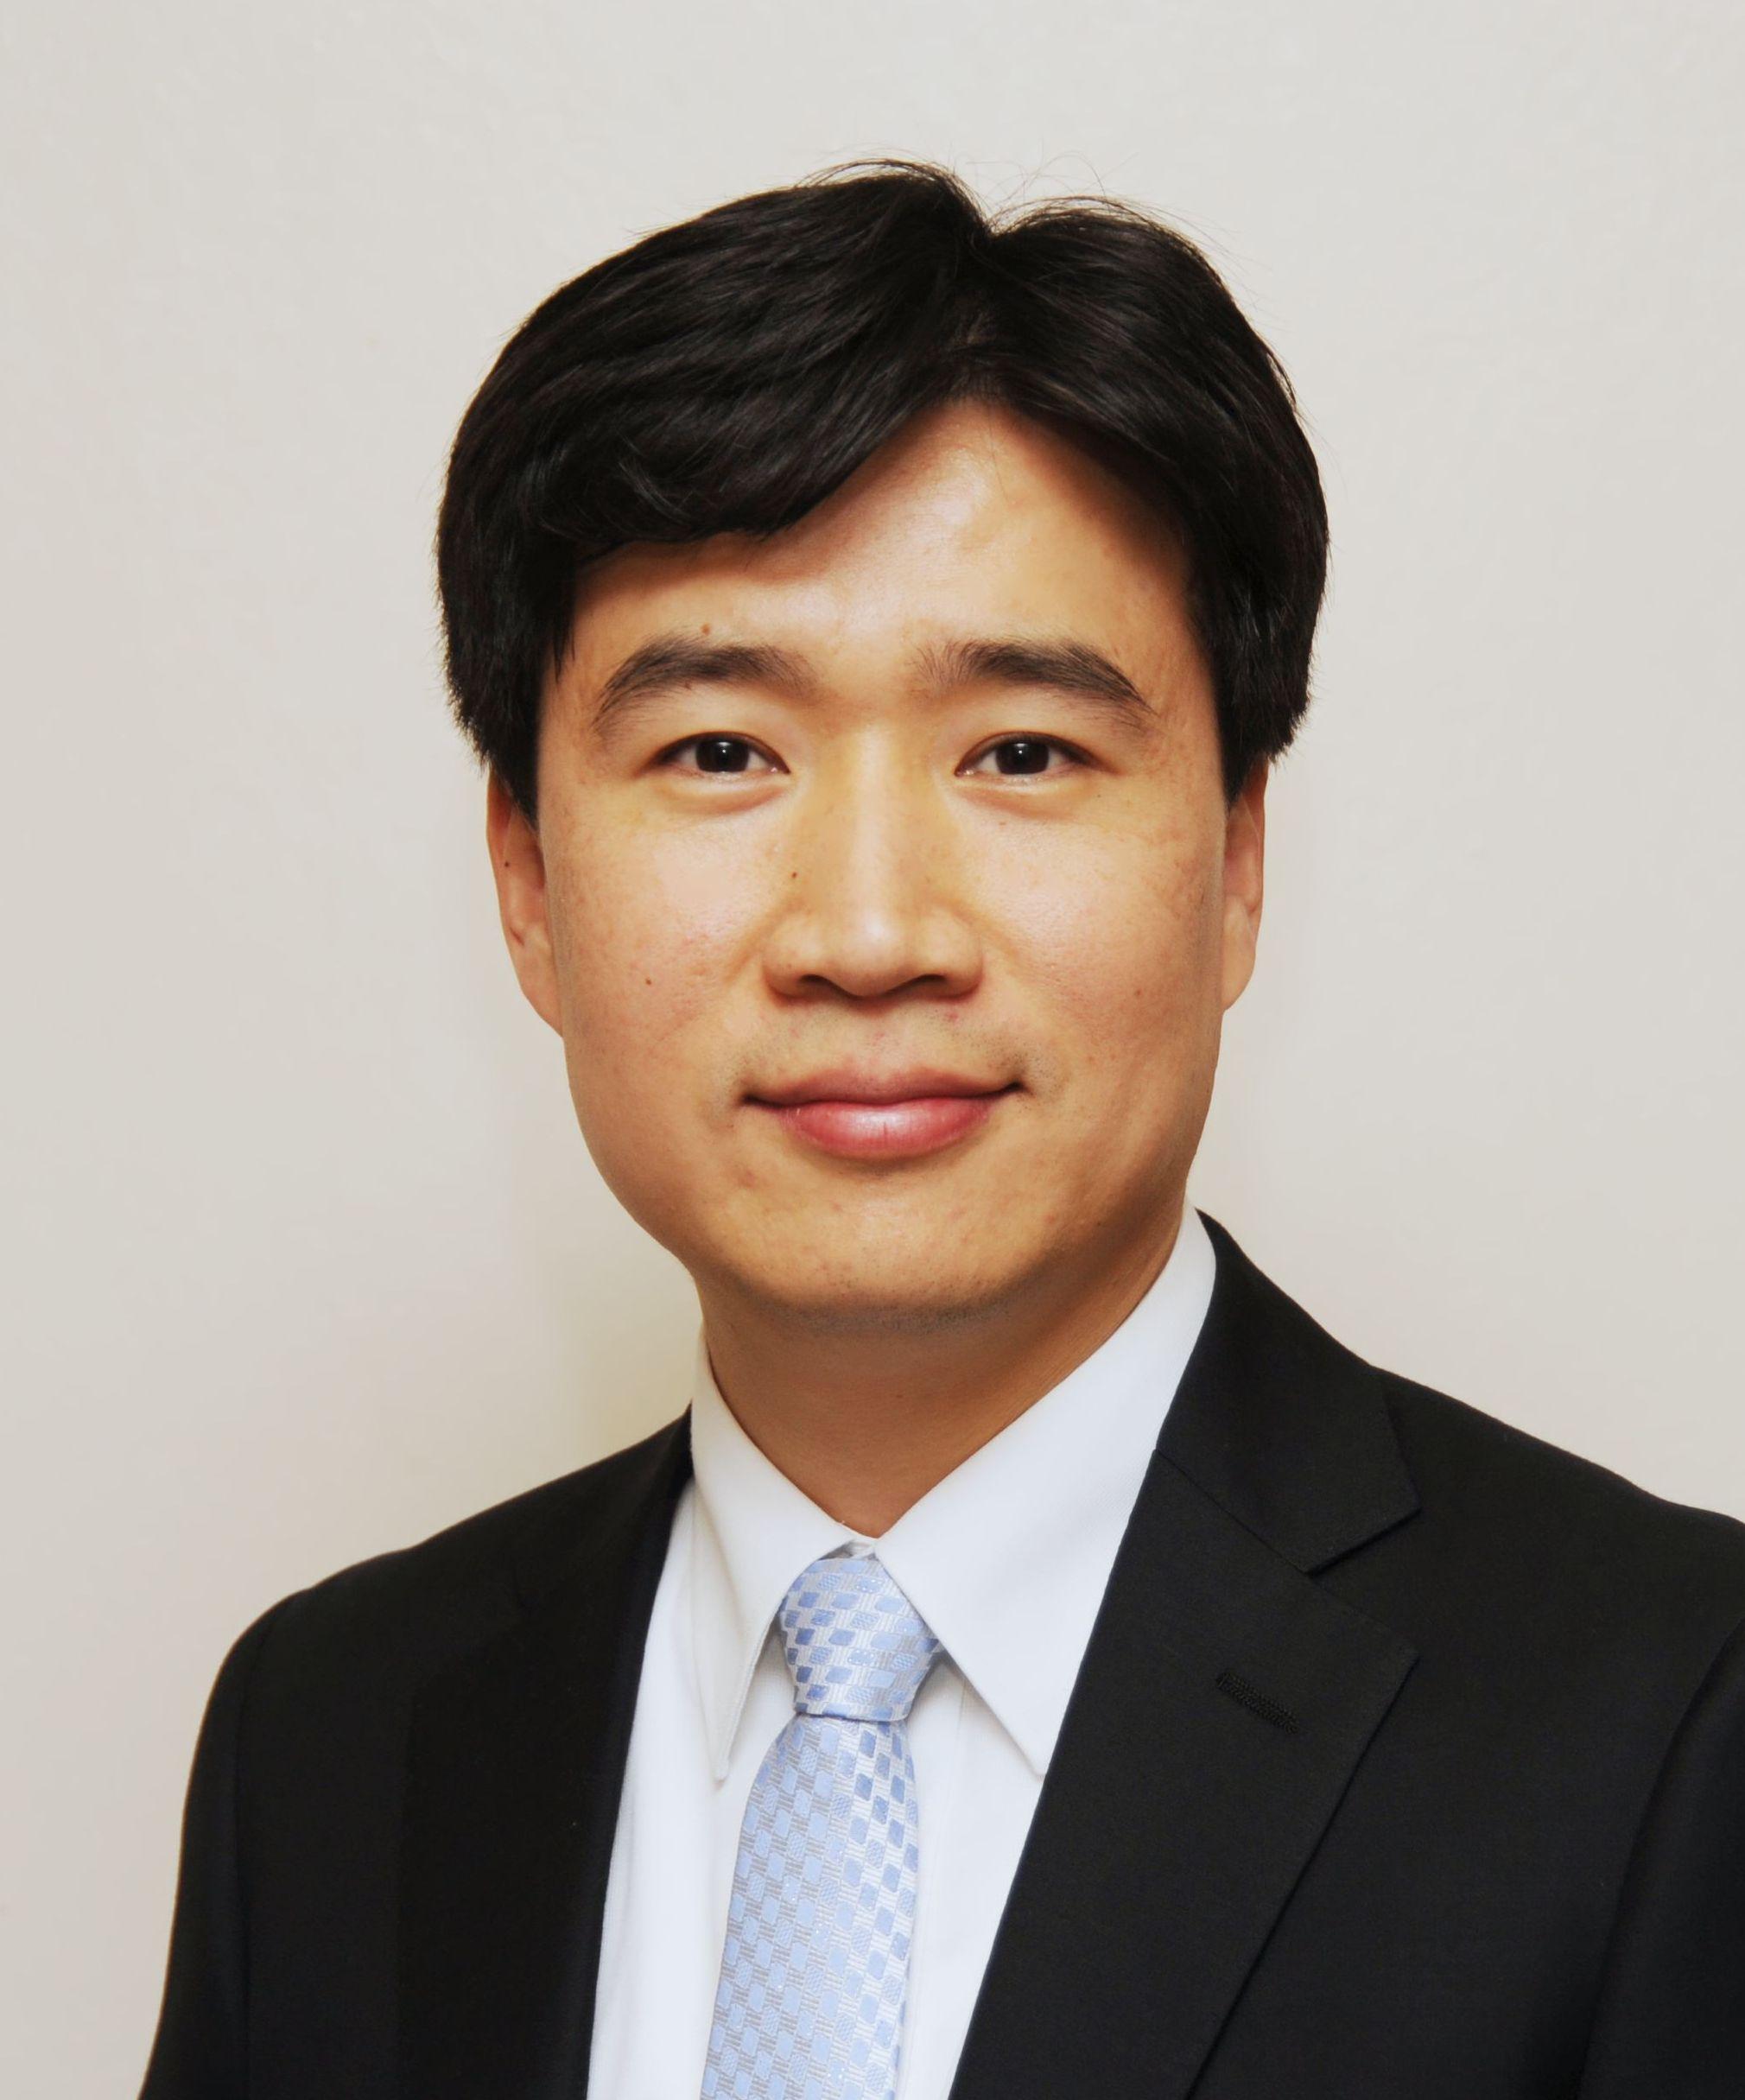 김일두.JPG